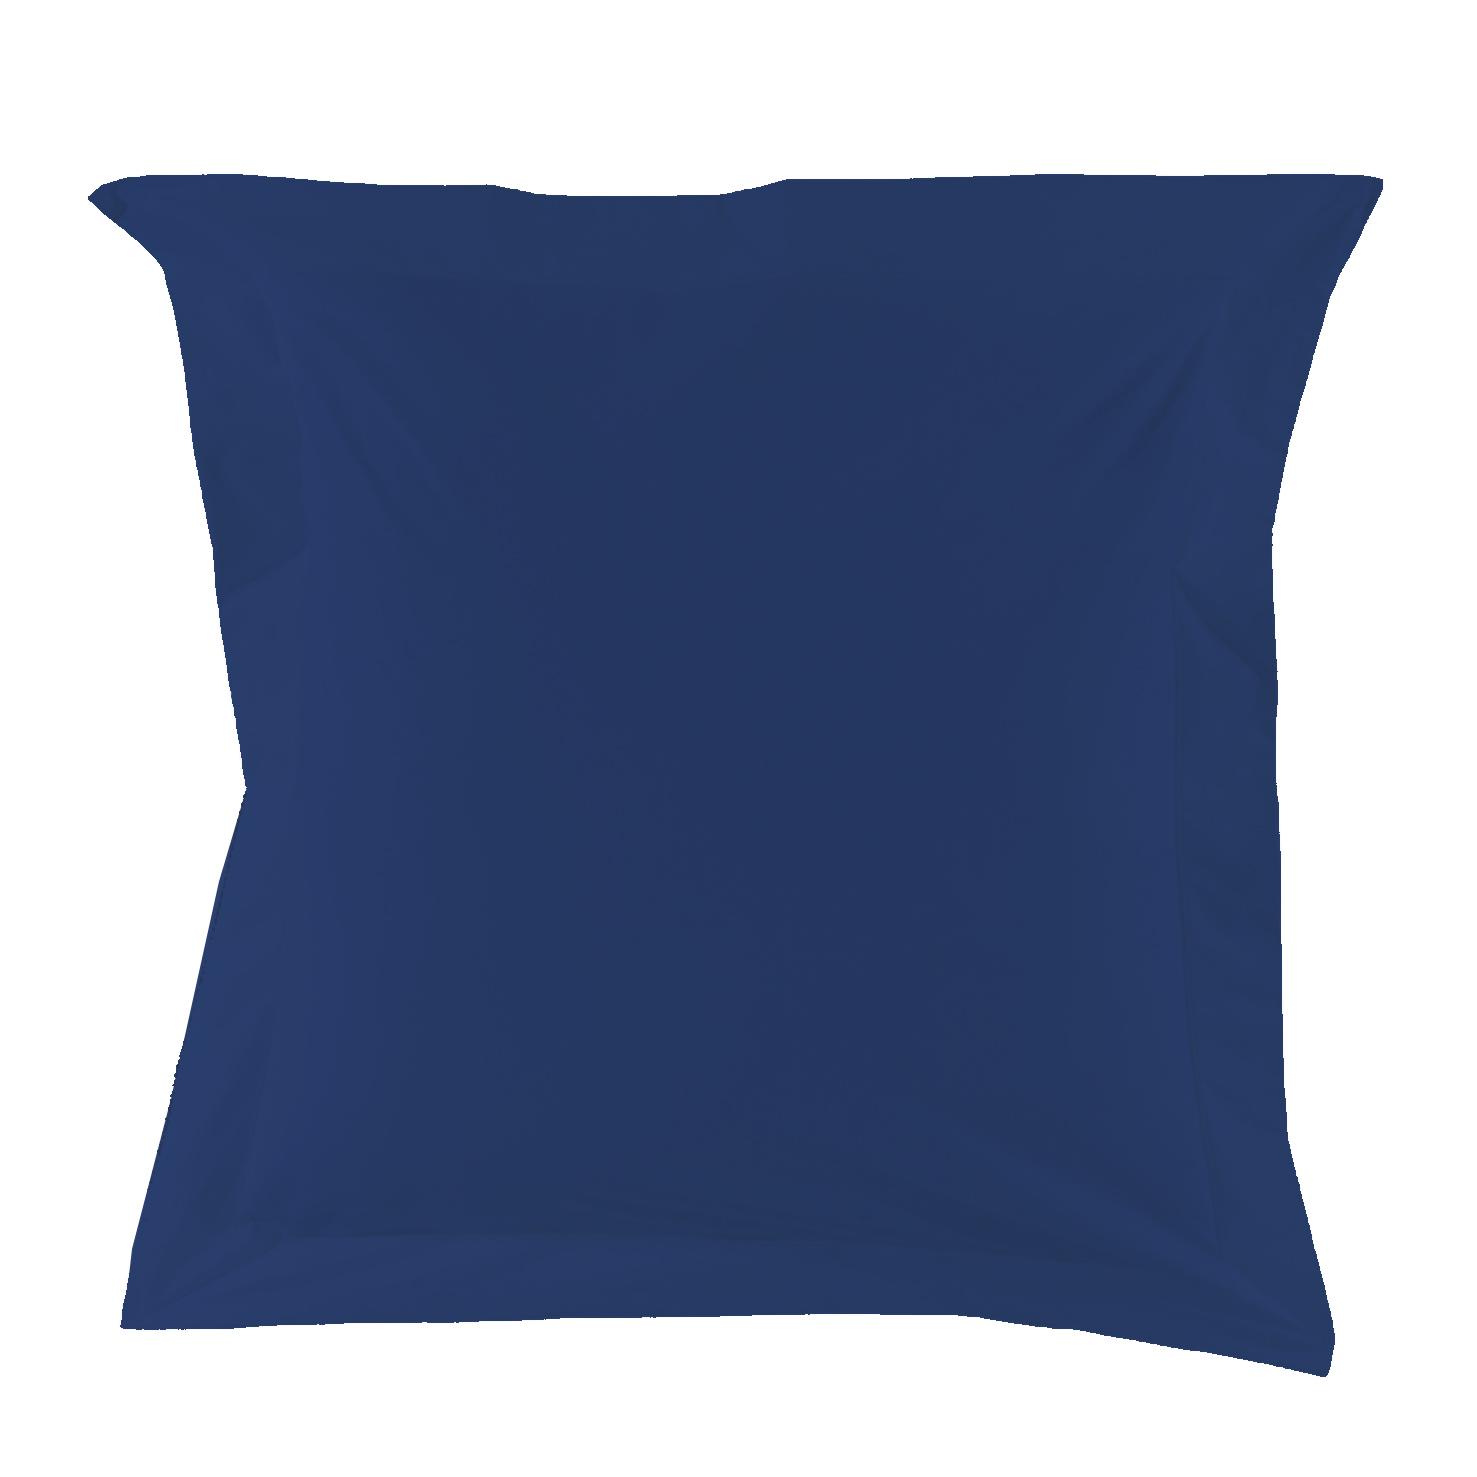 Essix housse de couette percale royal home 140 x 200 cm for Housse de couette bleu nuit